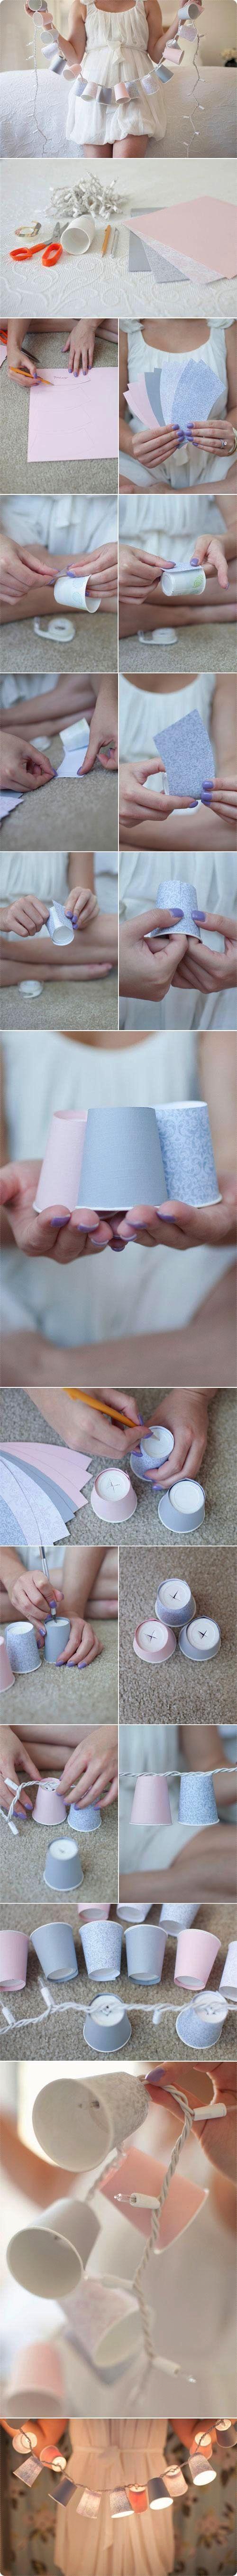 guirnalda-carton-diy-muy-ingenioso-1